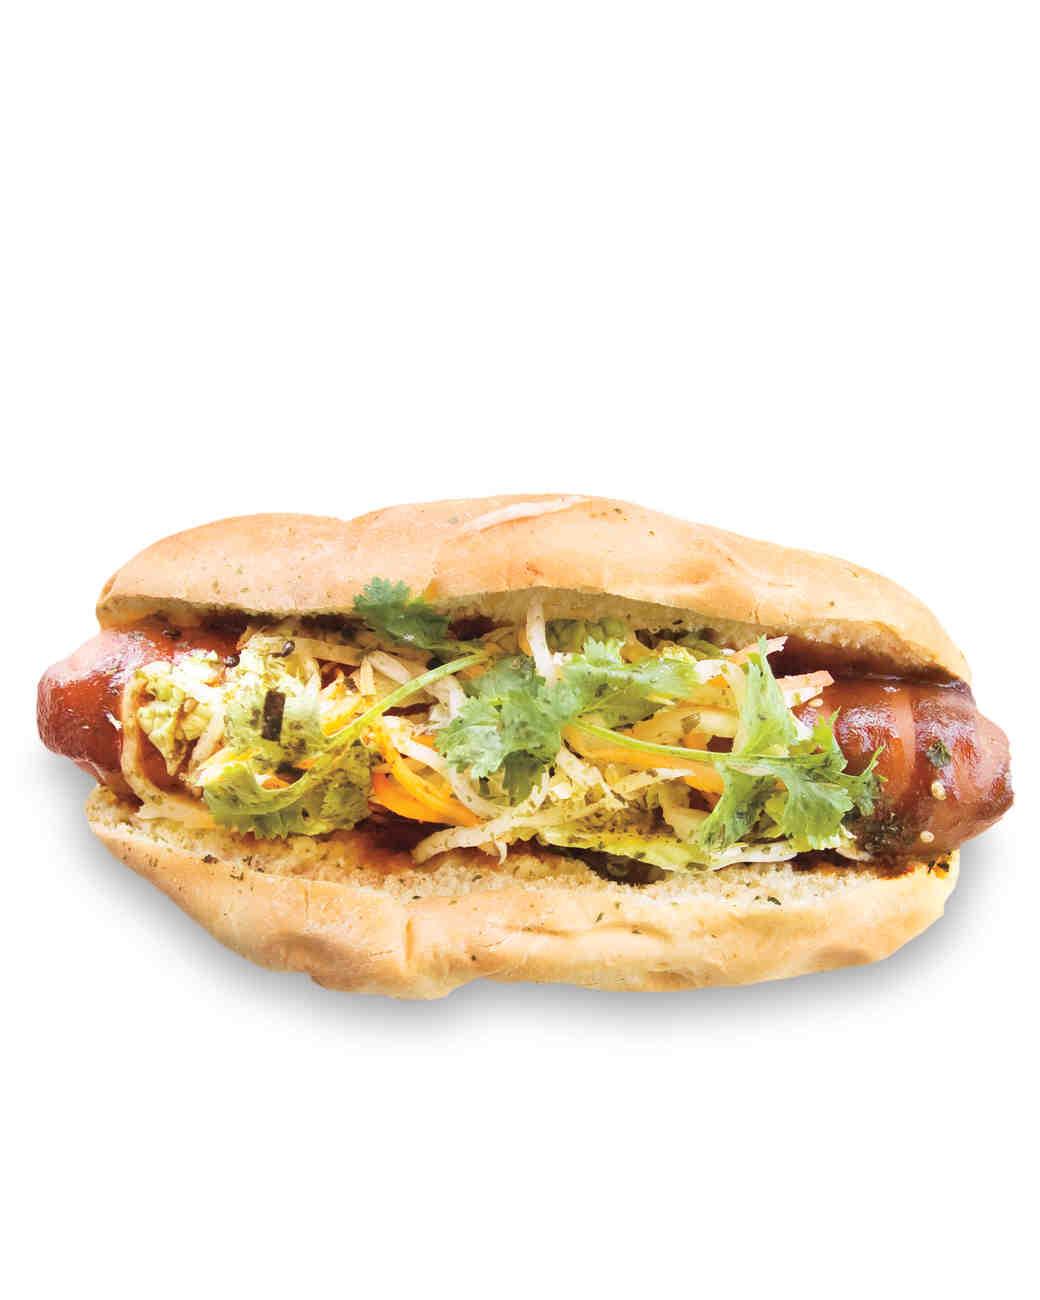 hanks-hot-dog-4-mwds111196.jpg